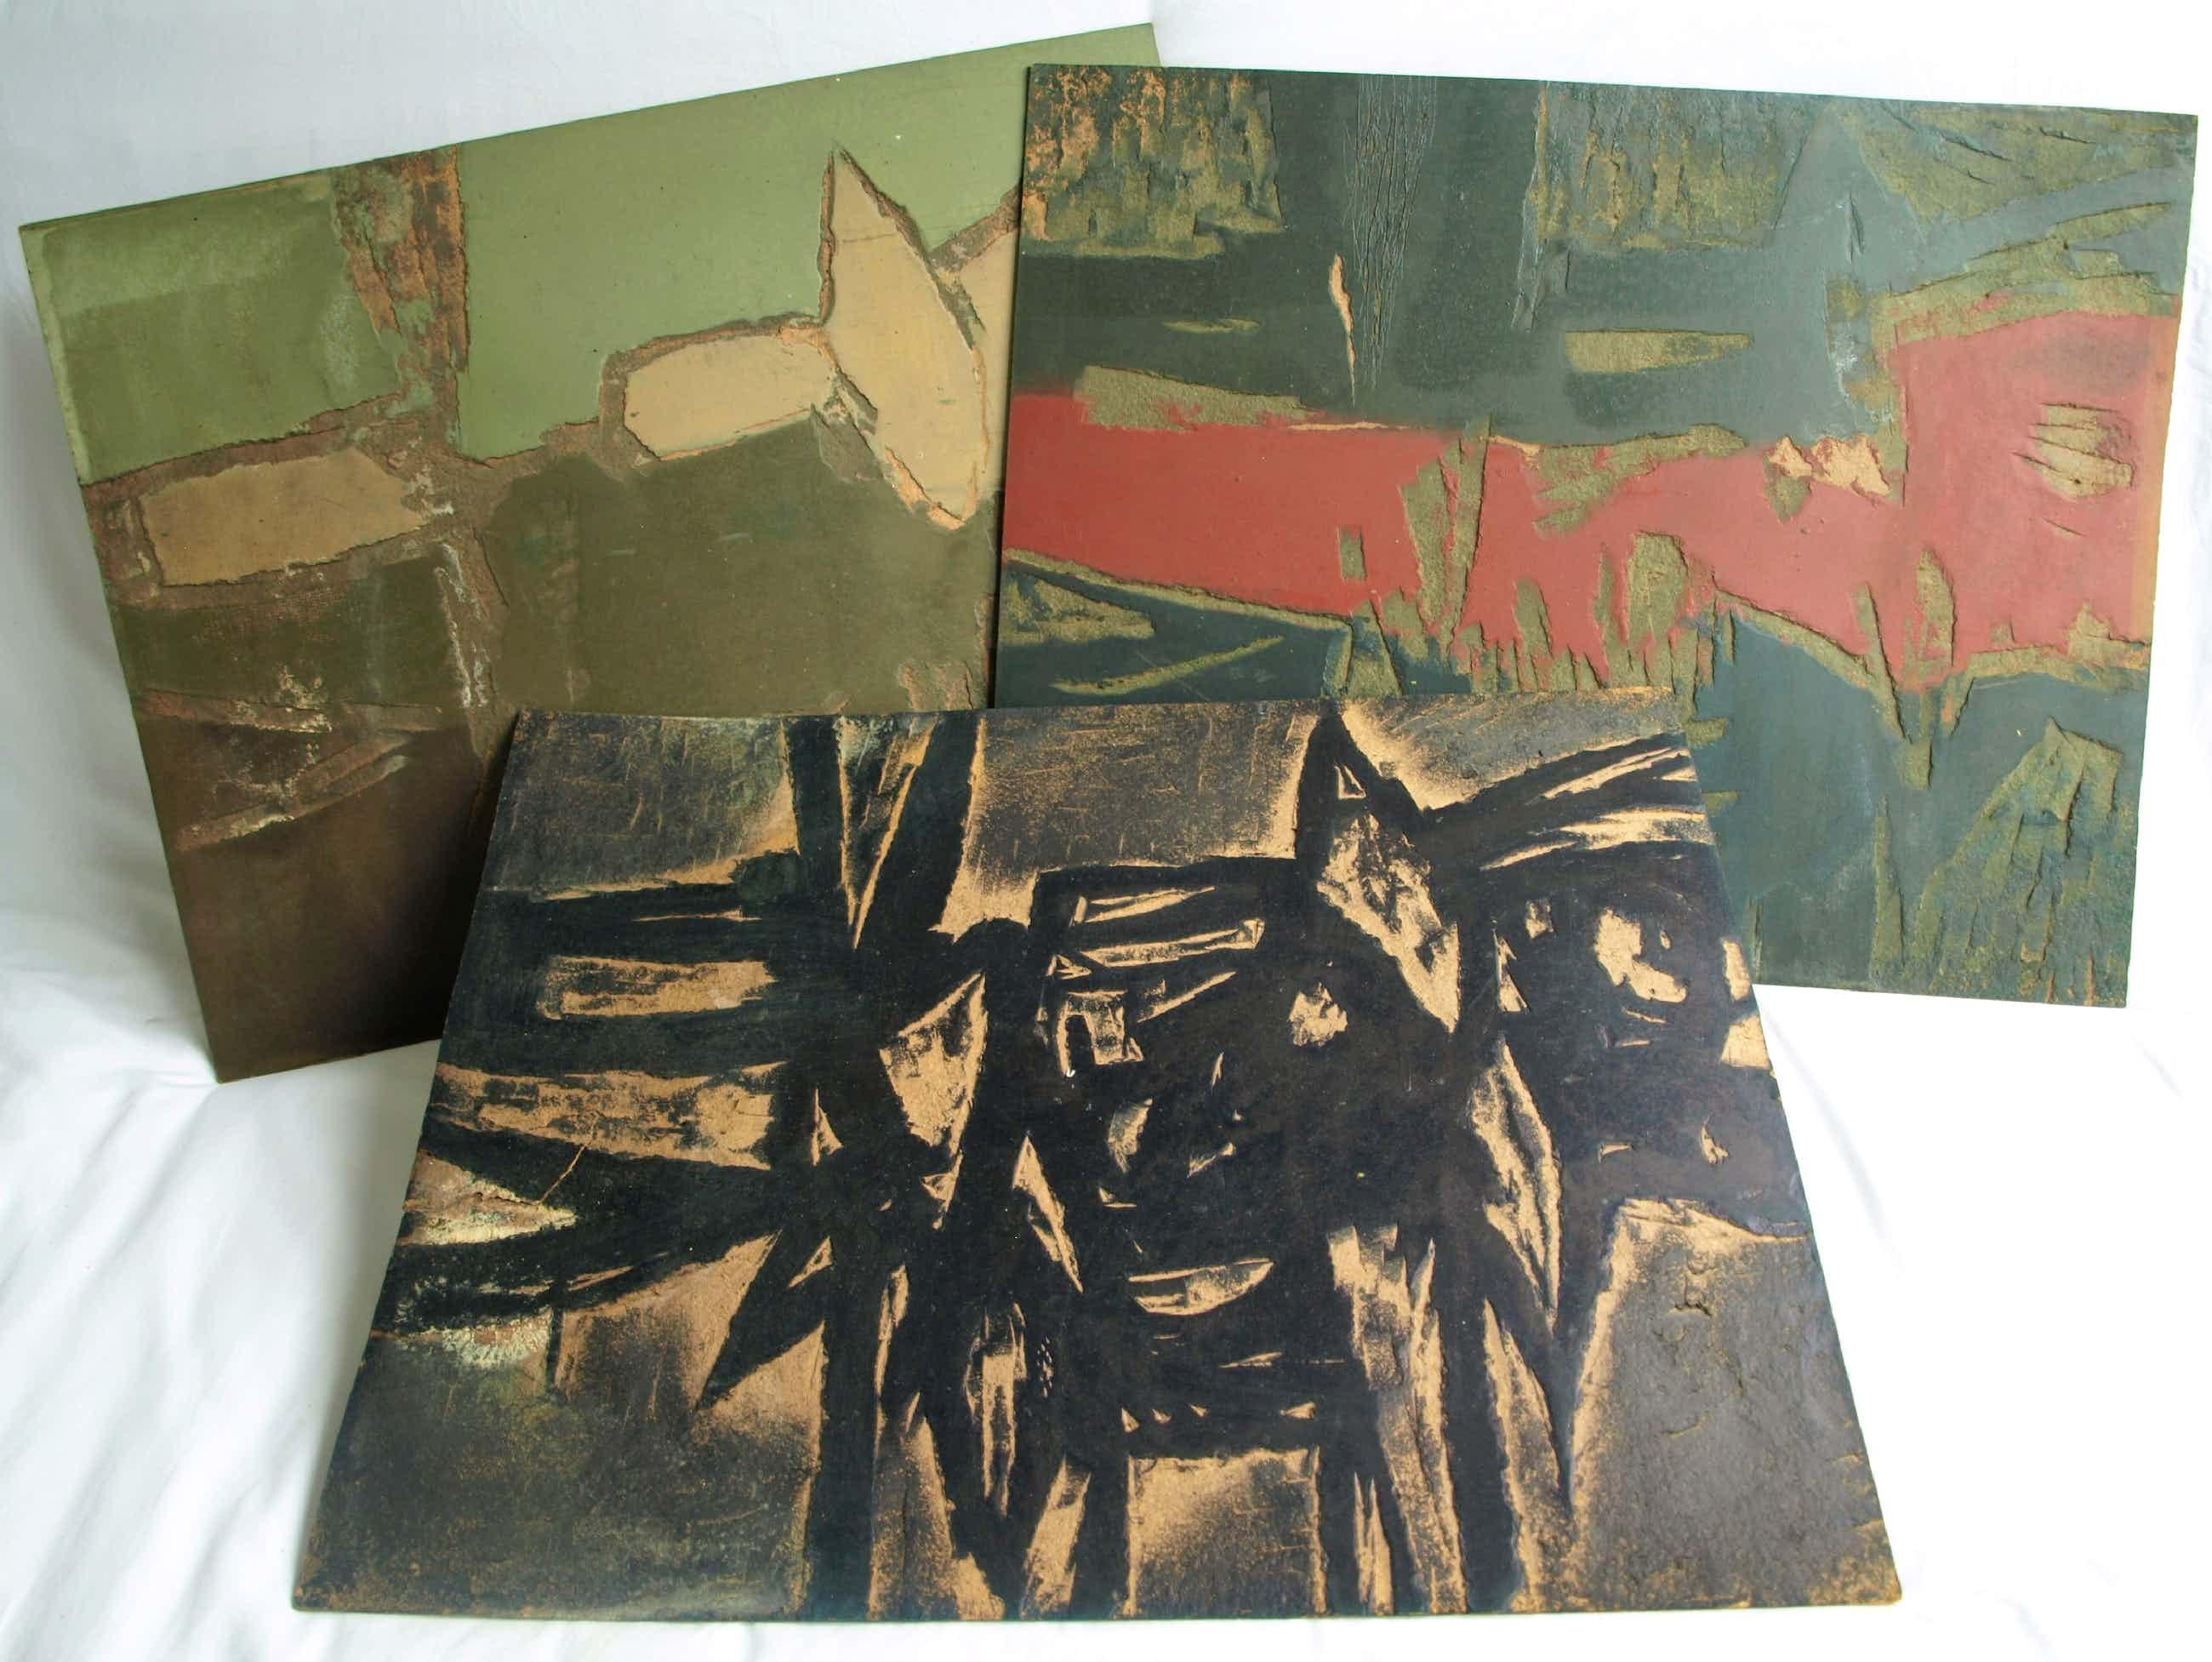 Fon Klement - De 3 hardboard 'BLOKKEN' van de boardsnede 'Invariable' - 1966 kopen? Bied vanaf 400!